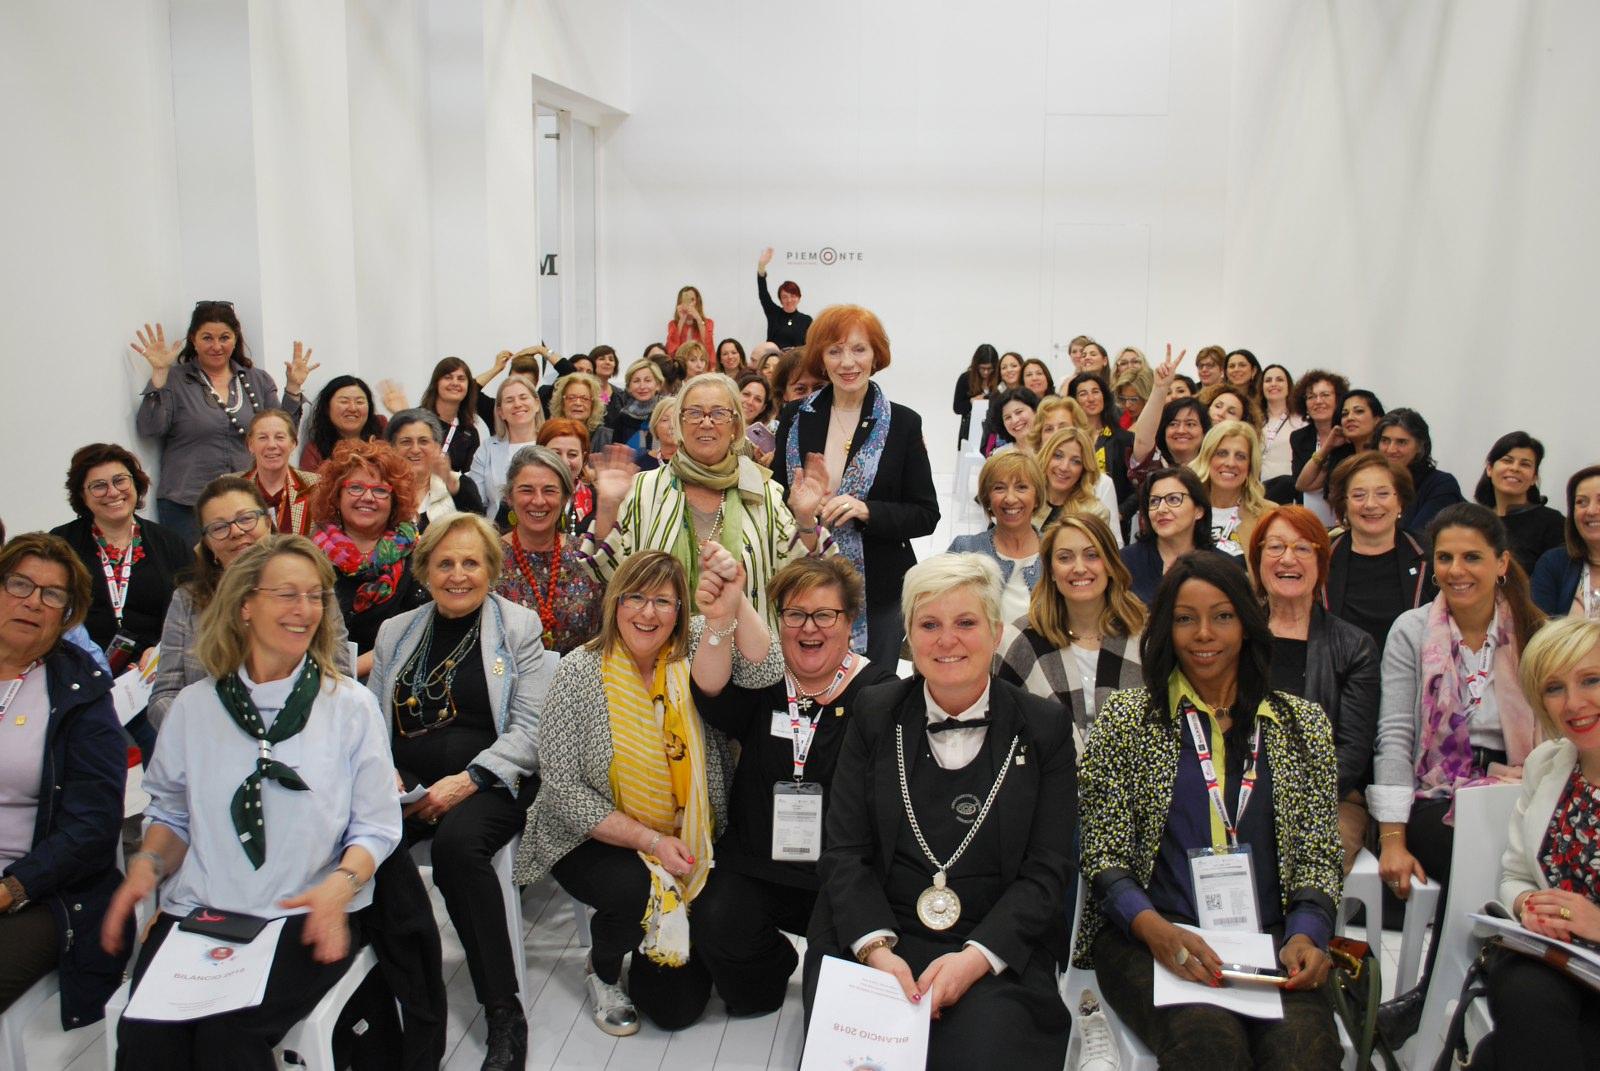 VINITALY 2019. Assemblea delle Donne del Vino. 10 aprile 2019